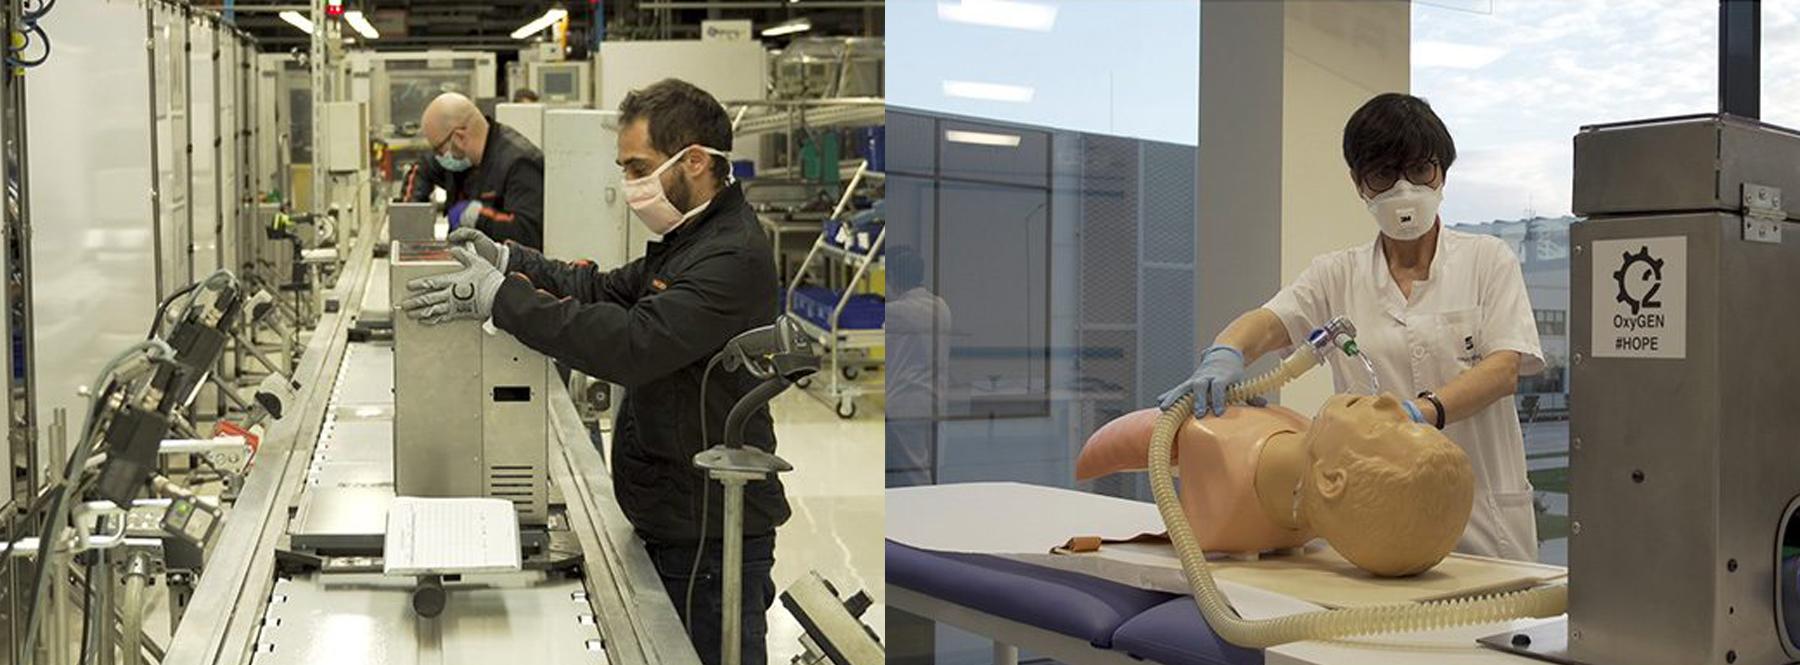 La automoción en España ahora fabrica respiradores y mascarillas por el coronavirus